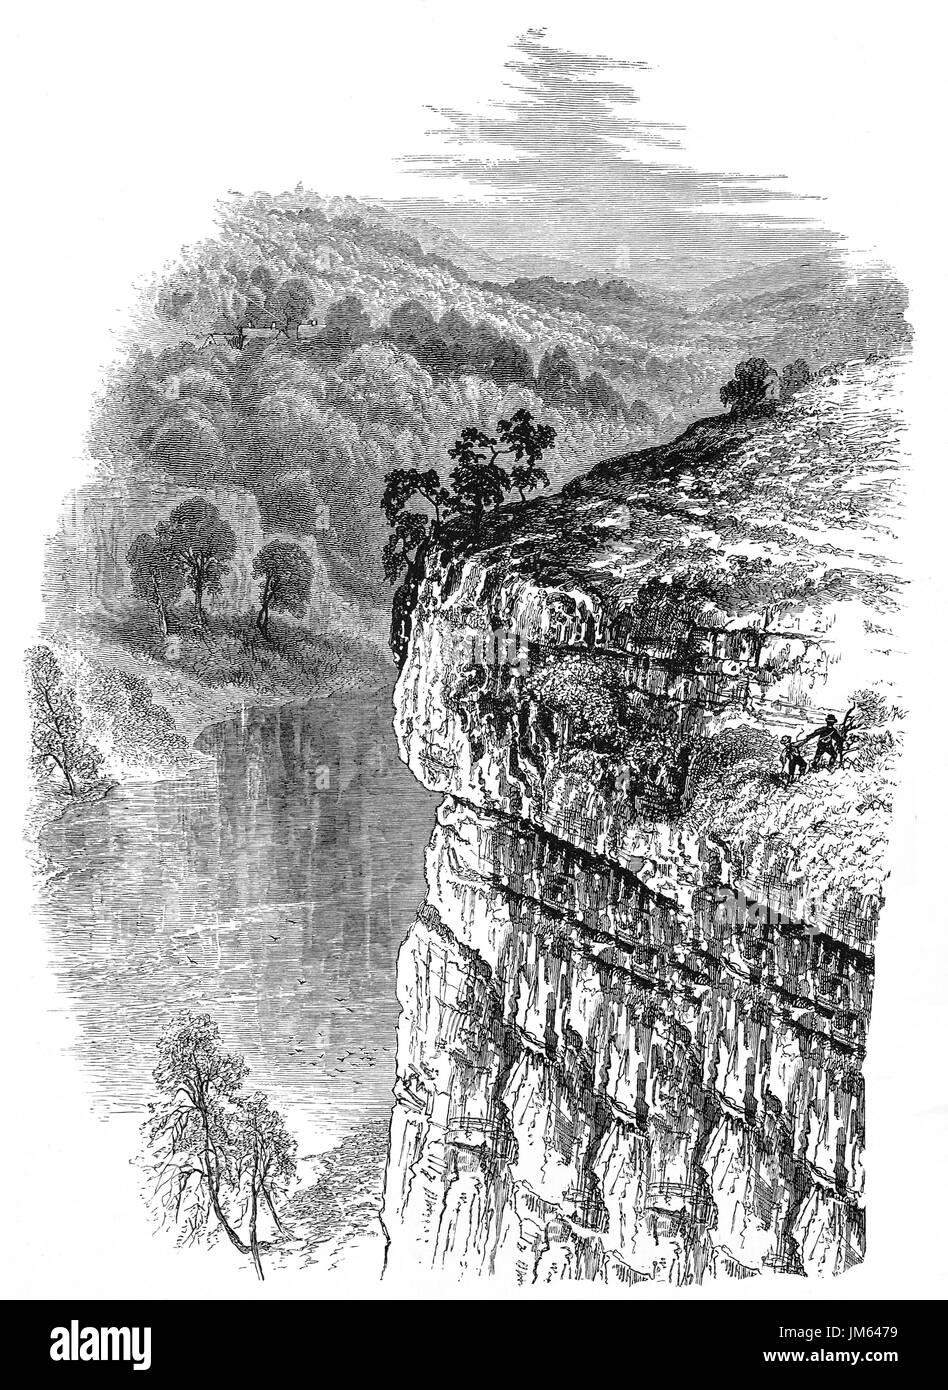 1870: Escursionisti sulla scogliera che domina Lytton o Litton Vale nel distretto di picco del Derbyshire, Inghilterra Foto Stock